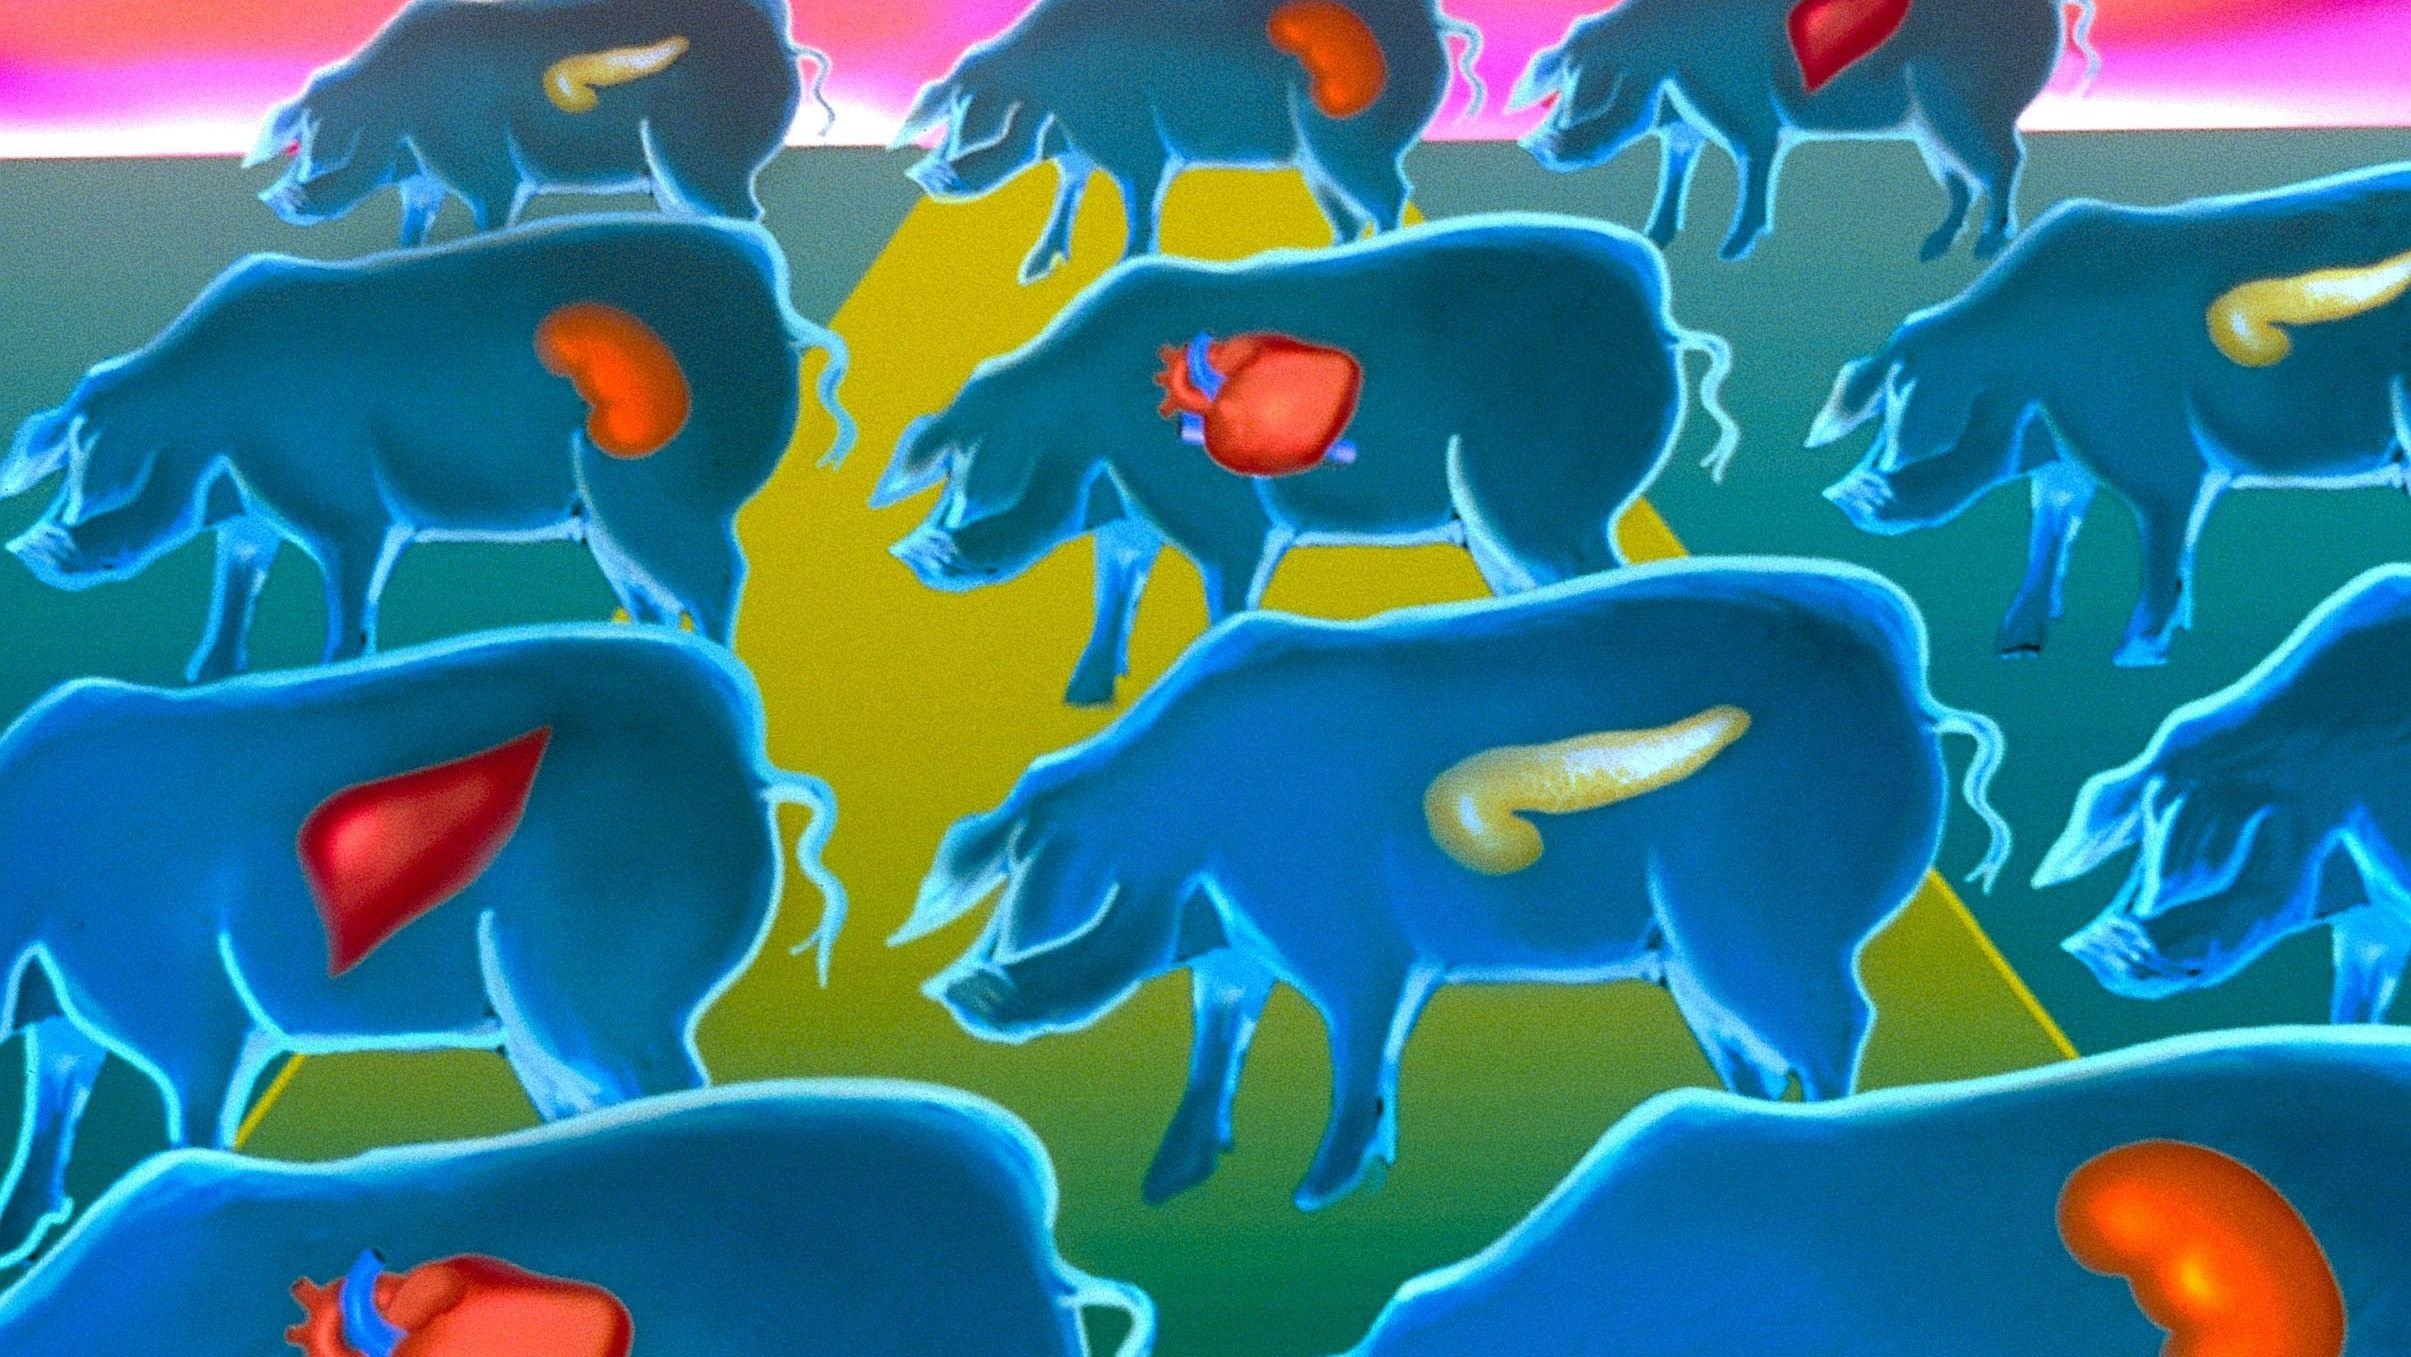 Organe des Schweins: Grafik: Schweine mit ihren Organen gemalt